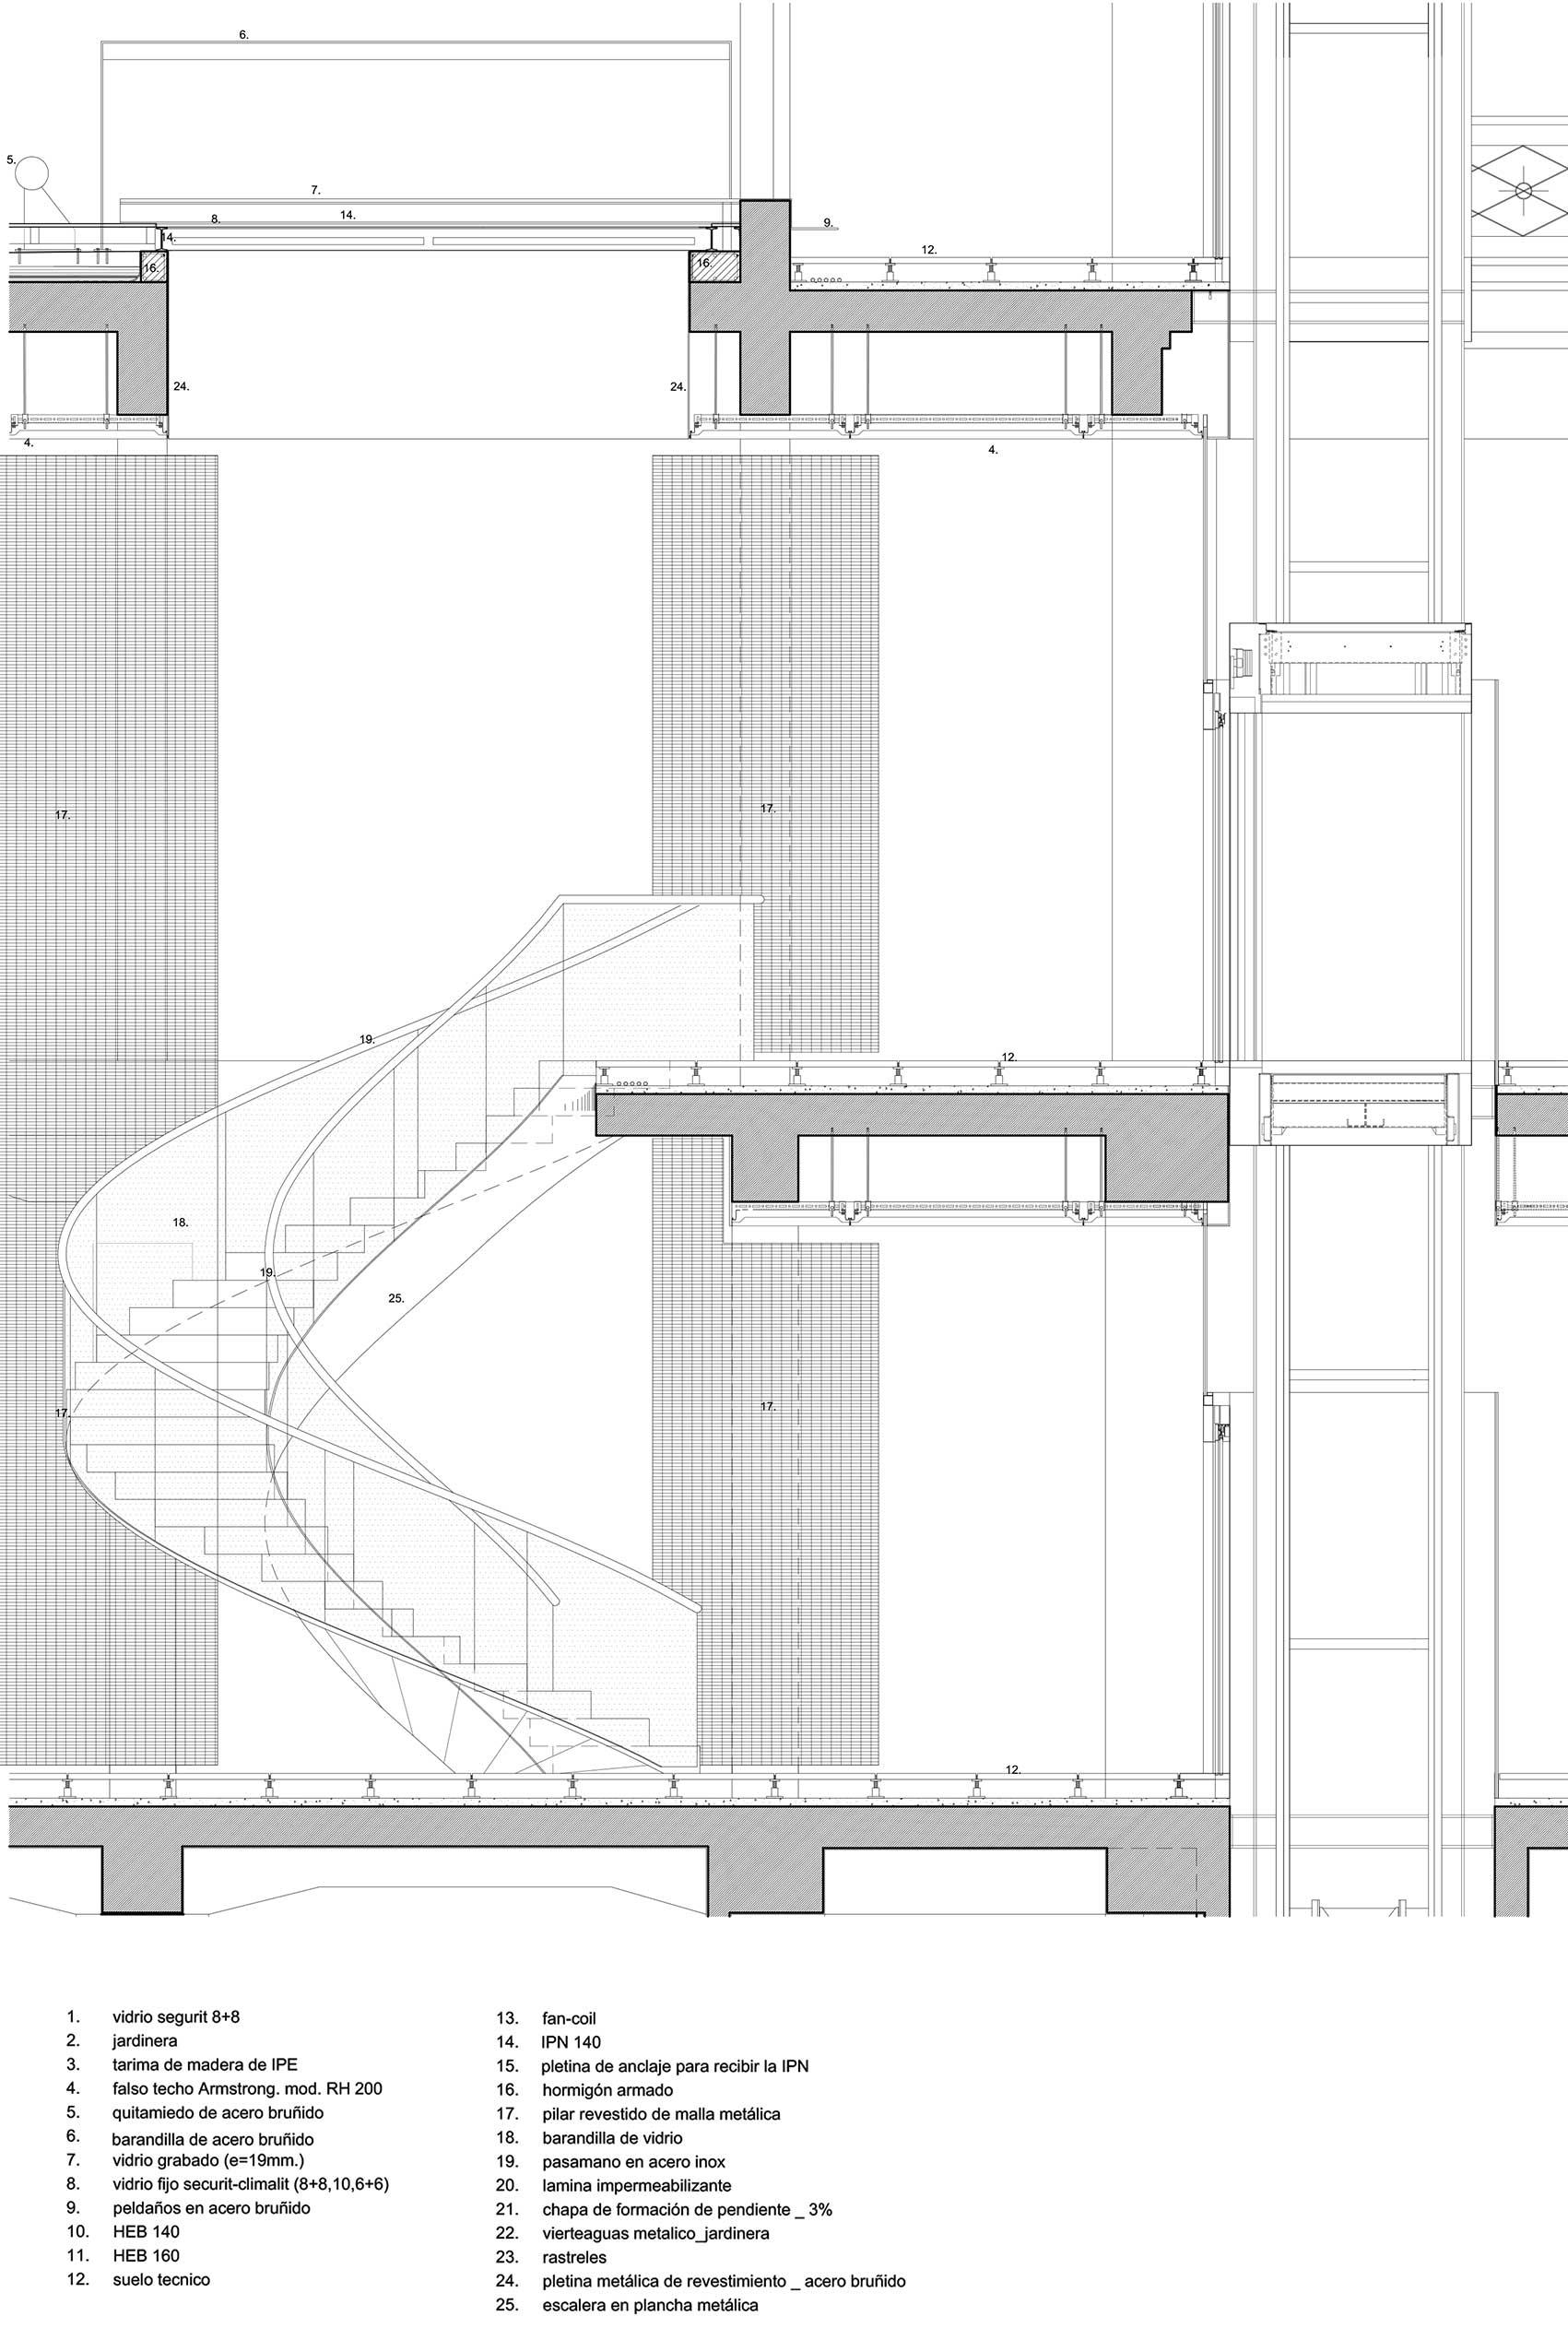 Escalera en espiral spiral staircase octavio mestre for Detalle suelo tecnico